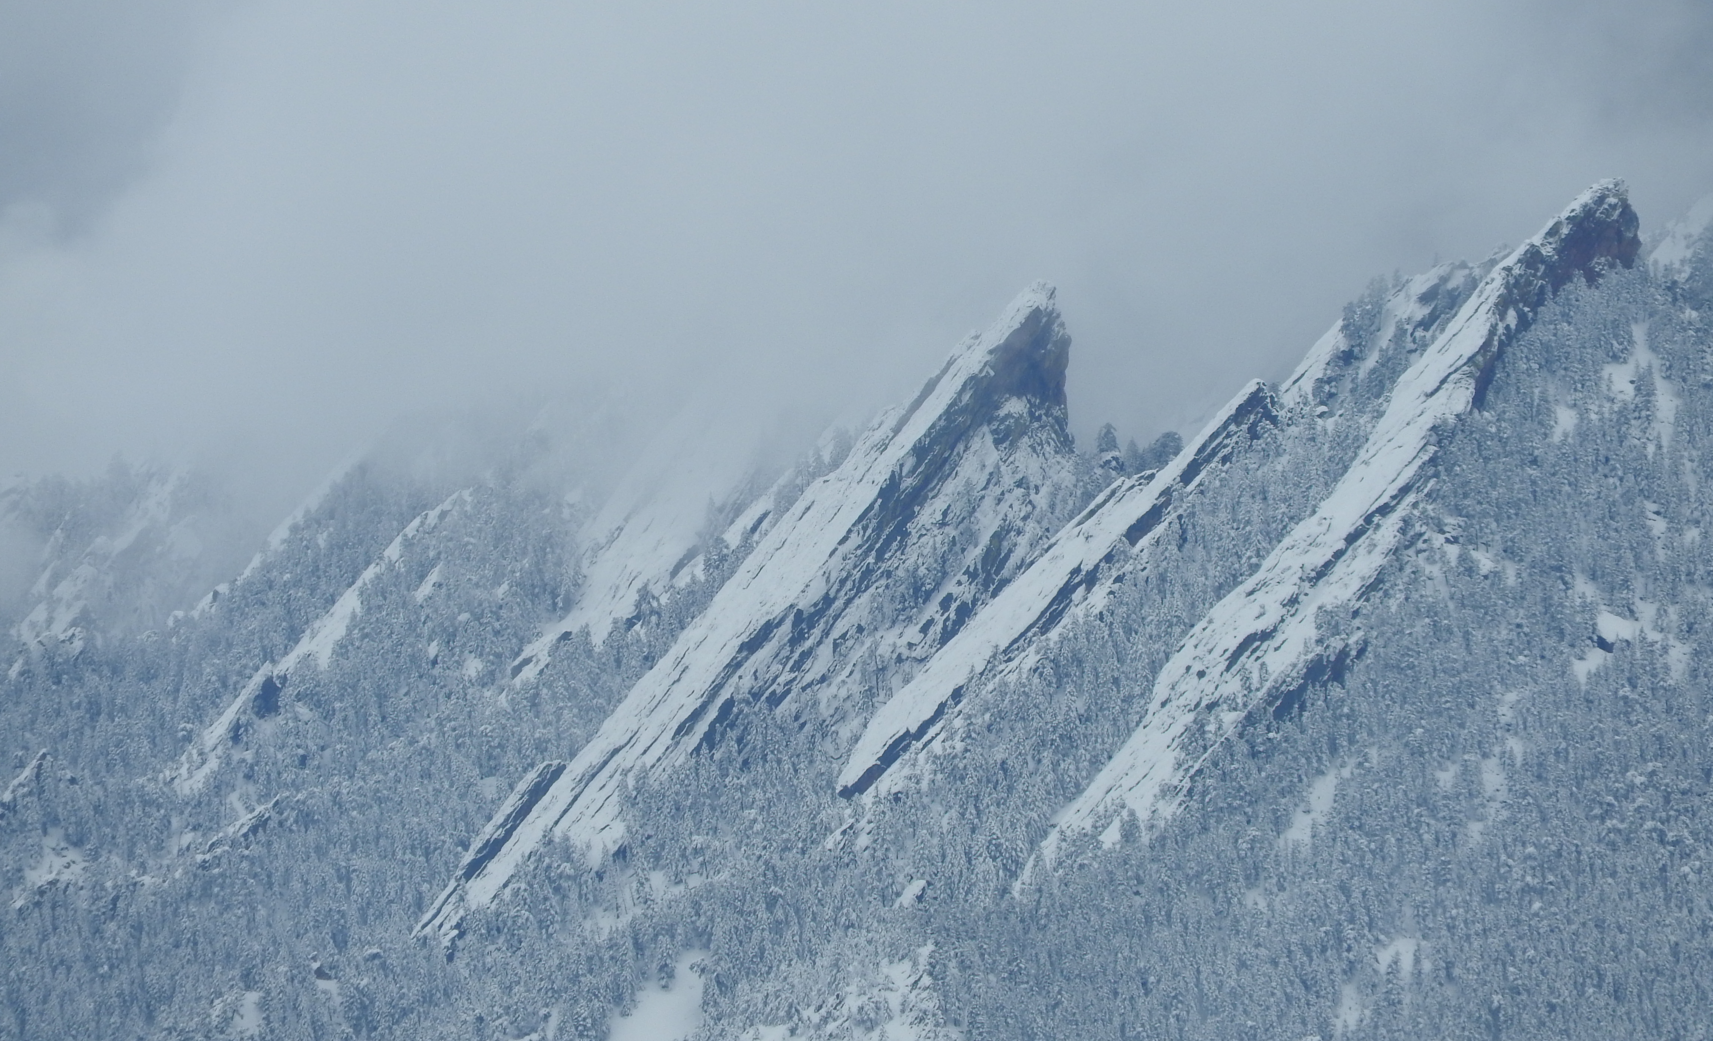 Boulder_Flatirons_Snowy_Clouds